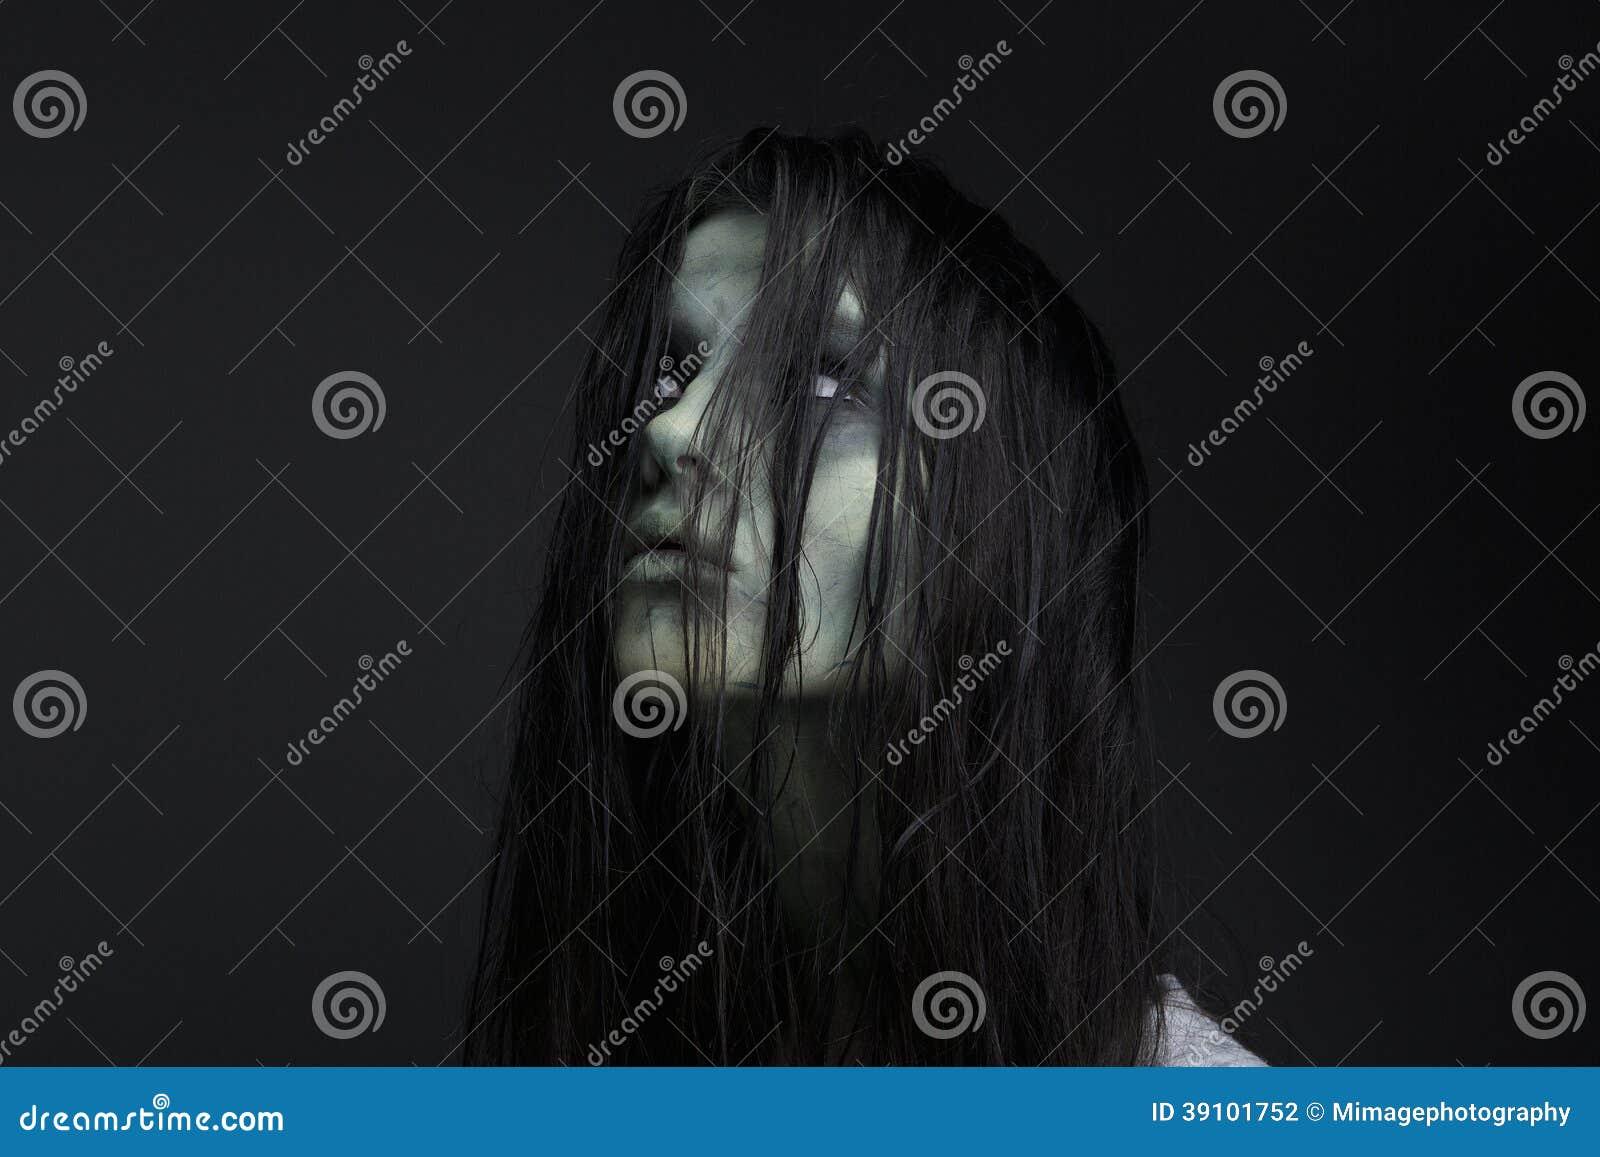 Portret van een vrouwelijke zombie